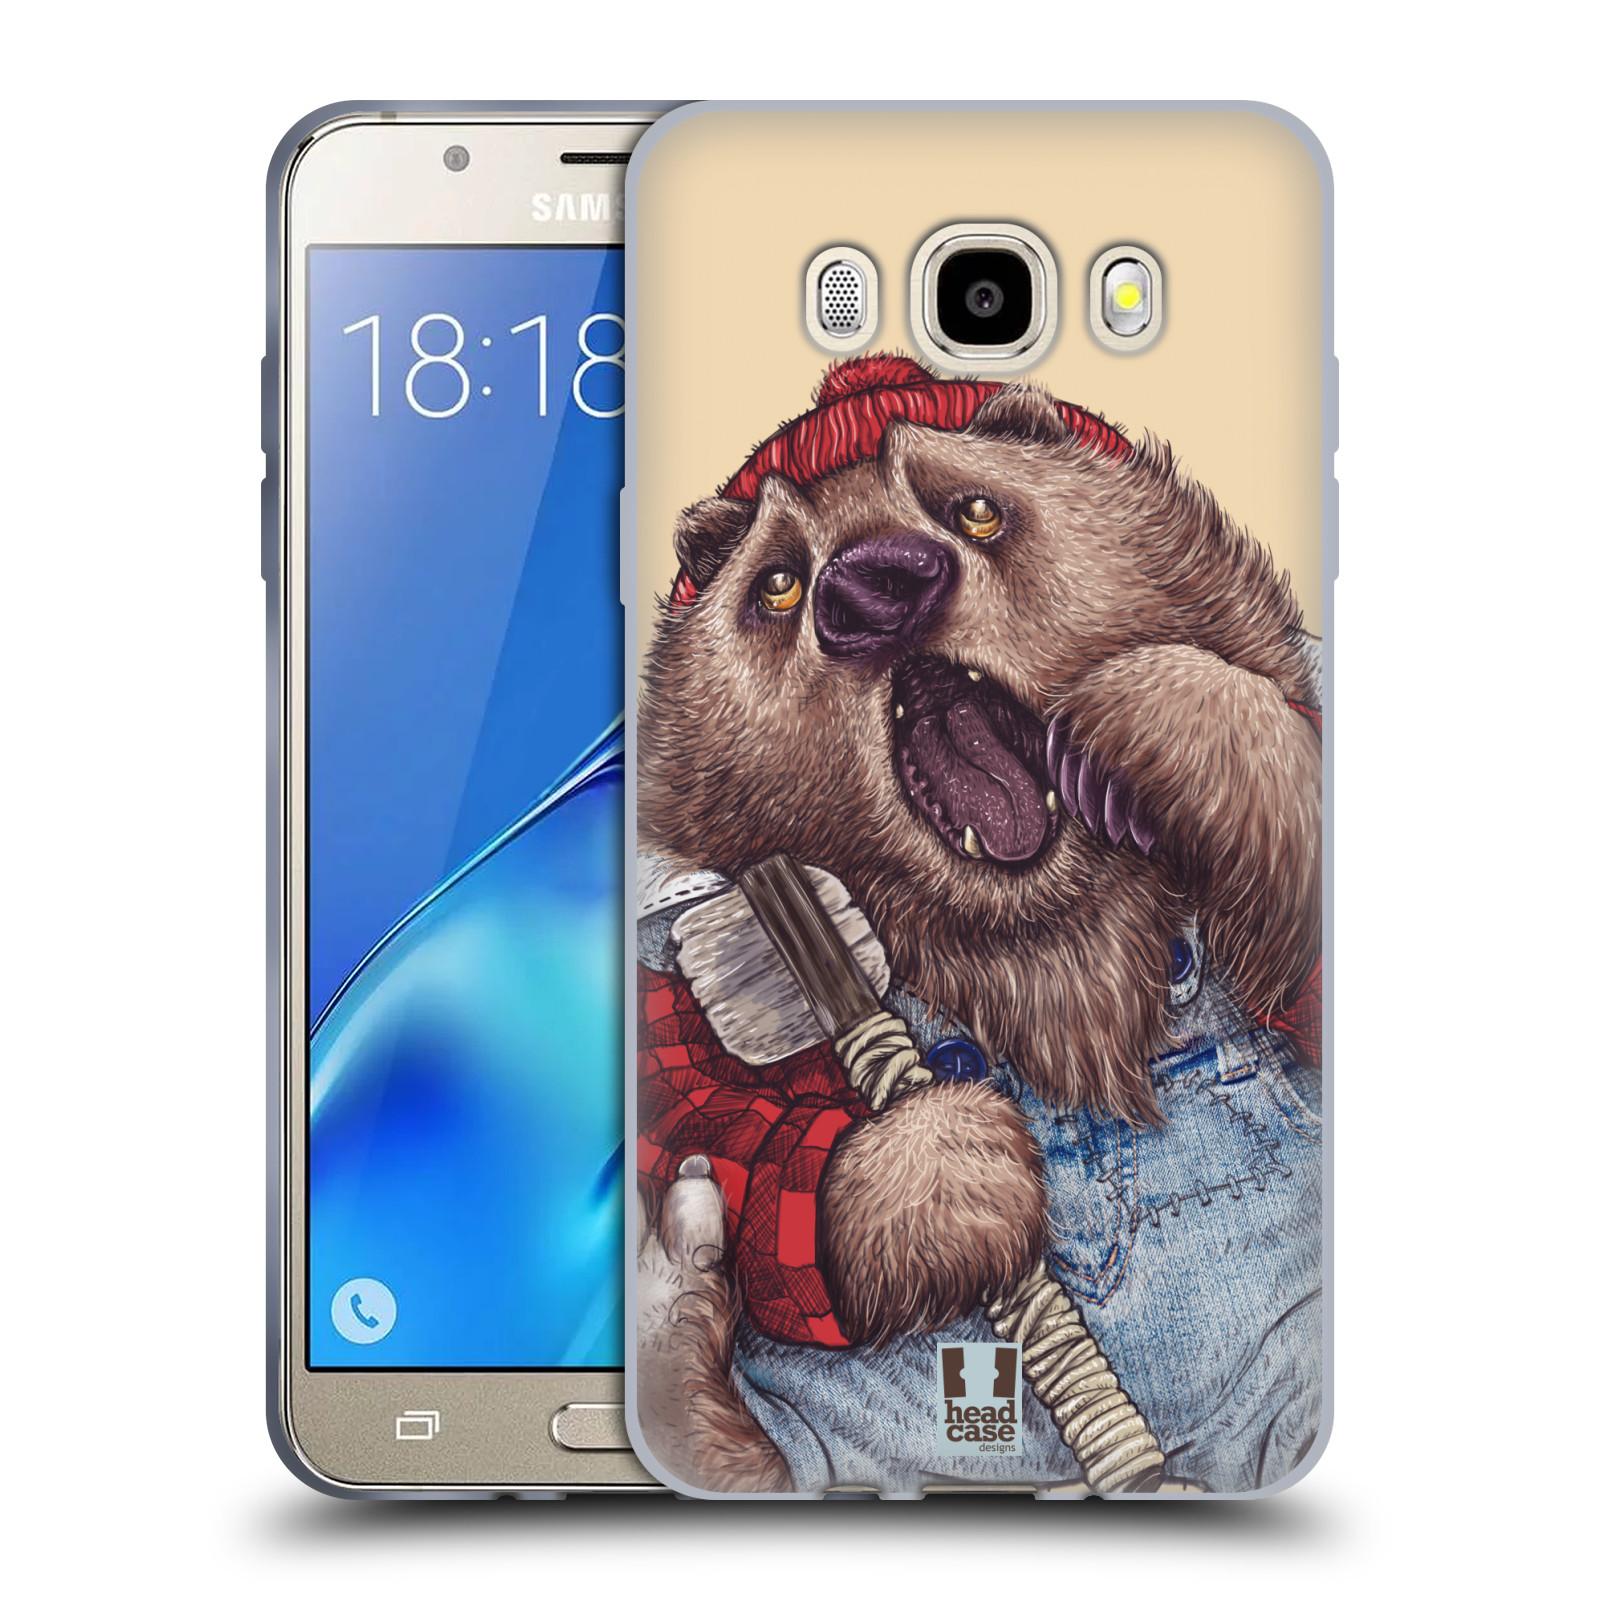 HEAD CASE silikonový obal, kryt na mobil Samsung Galaxy J5 2016, J510, J510F, (J510F DUAL SIM) vzor Kreslená zvířátka medvěd